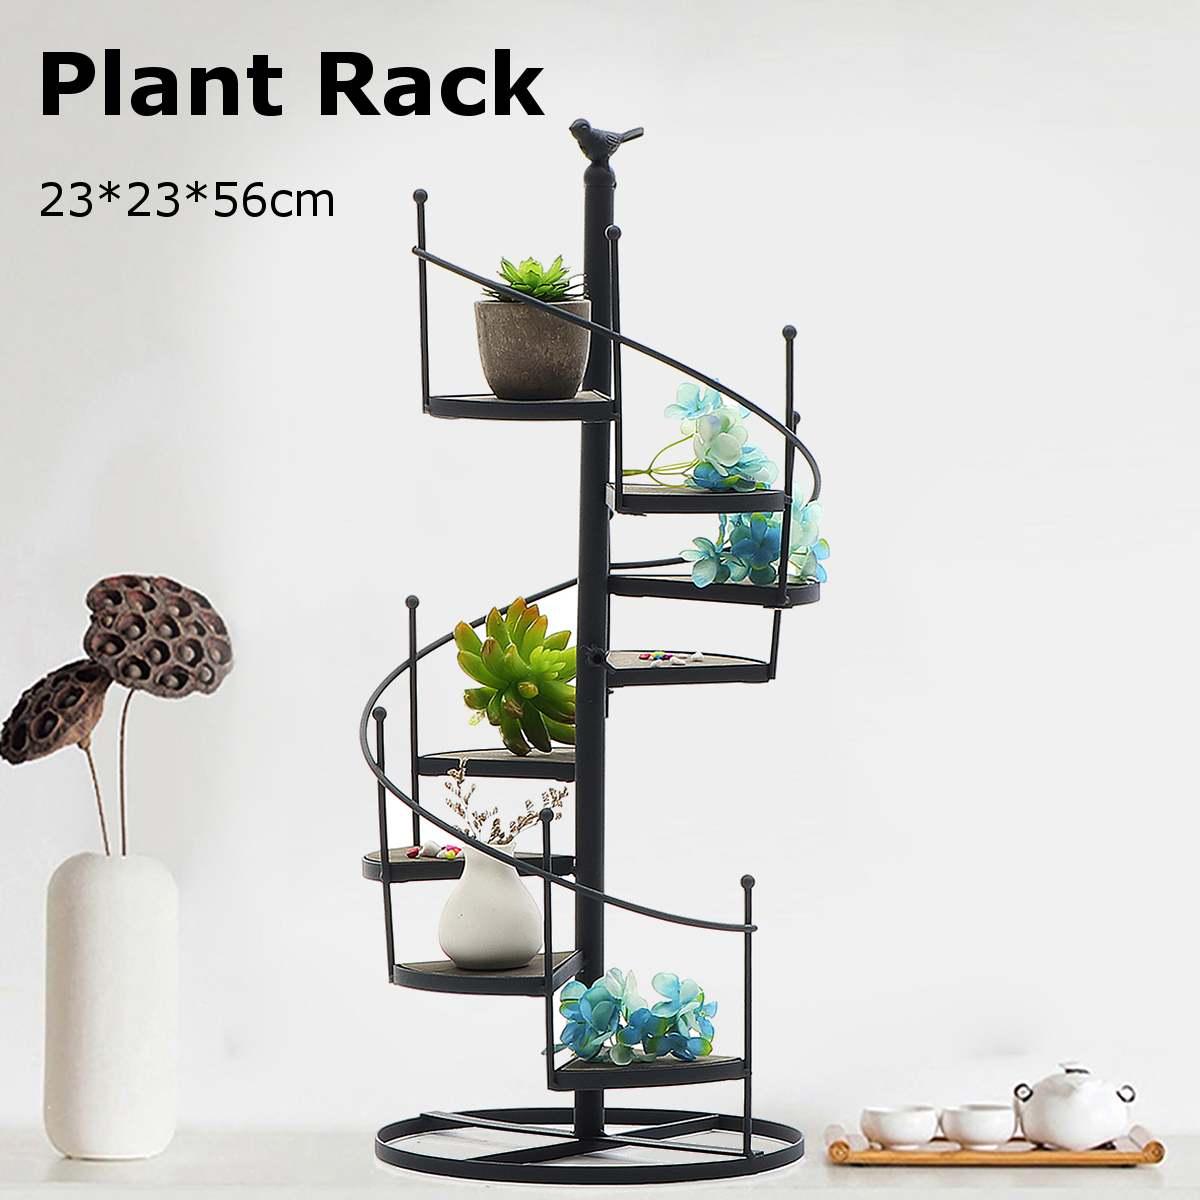 Soporte para plantas de hierro decorativo moderno soporte para plantas suculentas estante 8 capas forma de escalera escritorio jardín soporte de flores + placa de madera